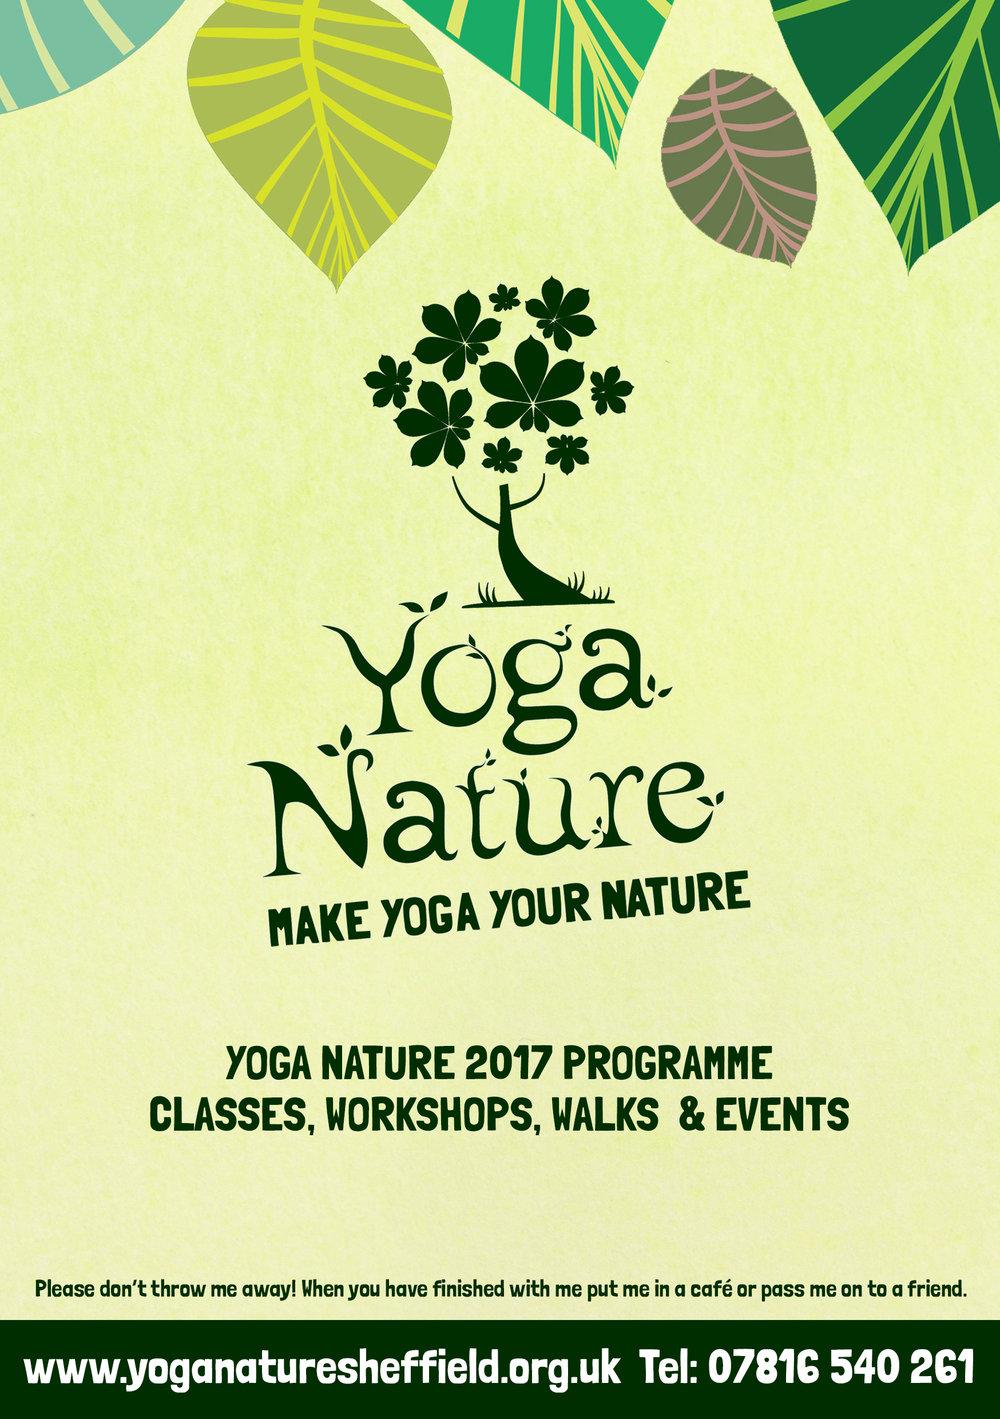 2017 Programme